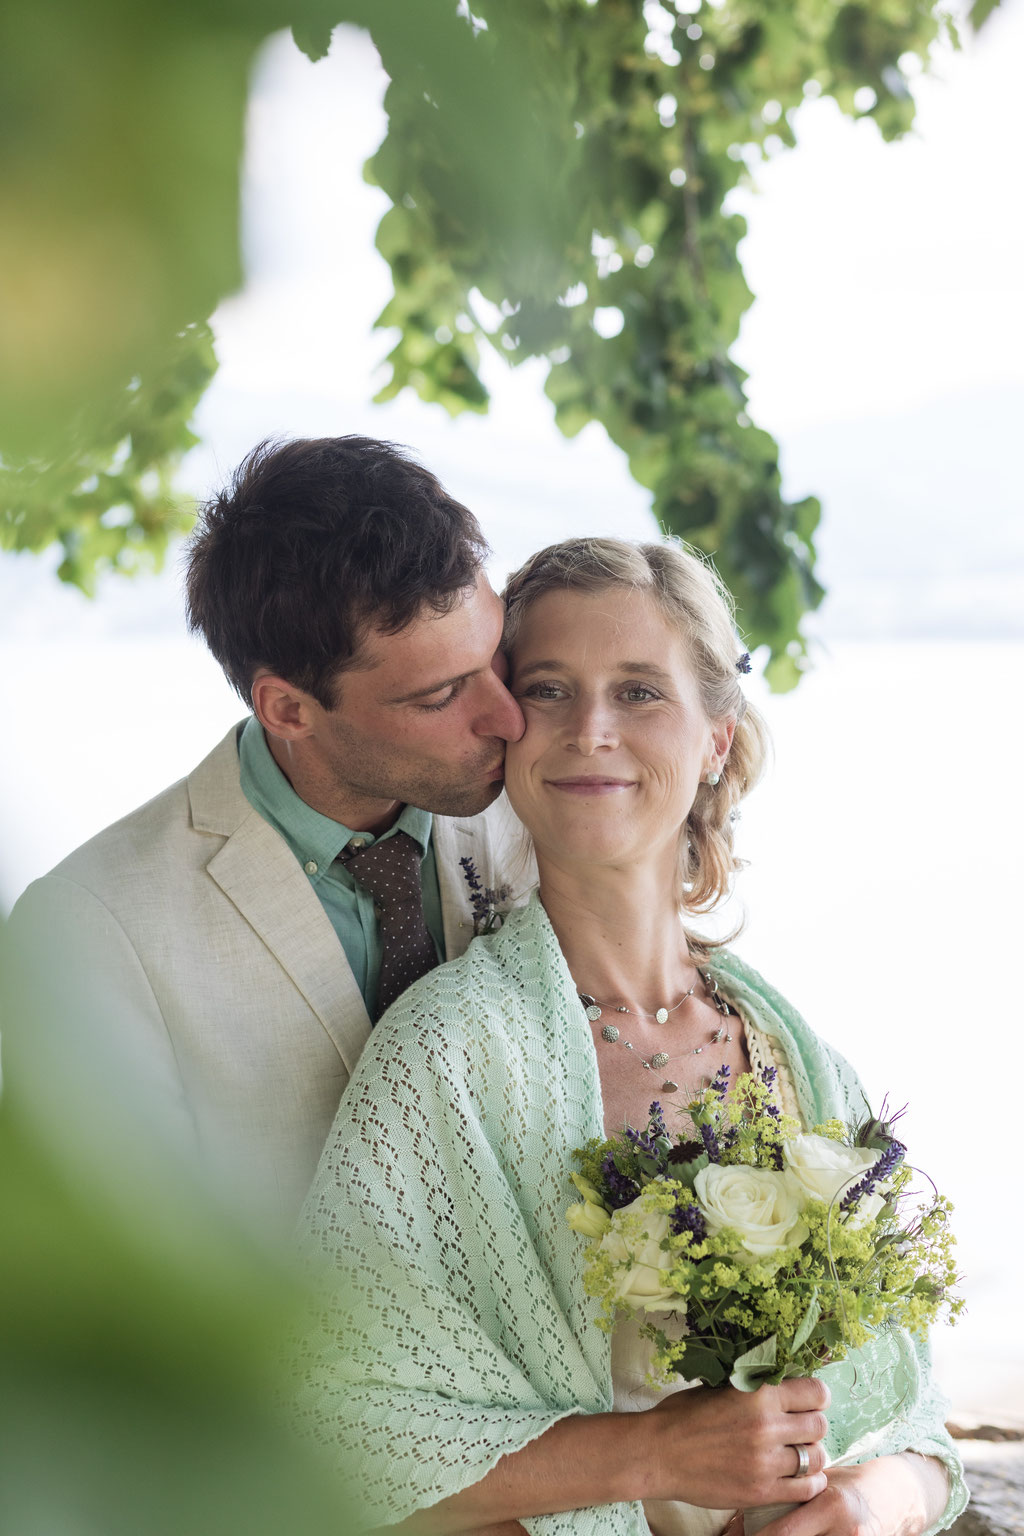 Hochzeitsfoto Attersee, Hochzeitsfotograf Attersee am Attersee